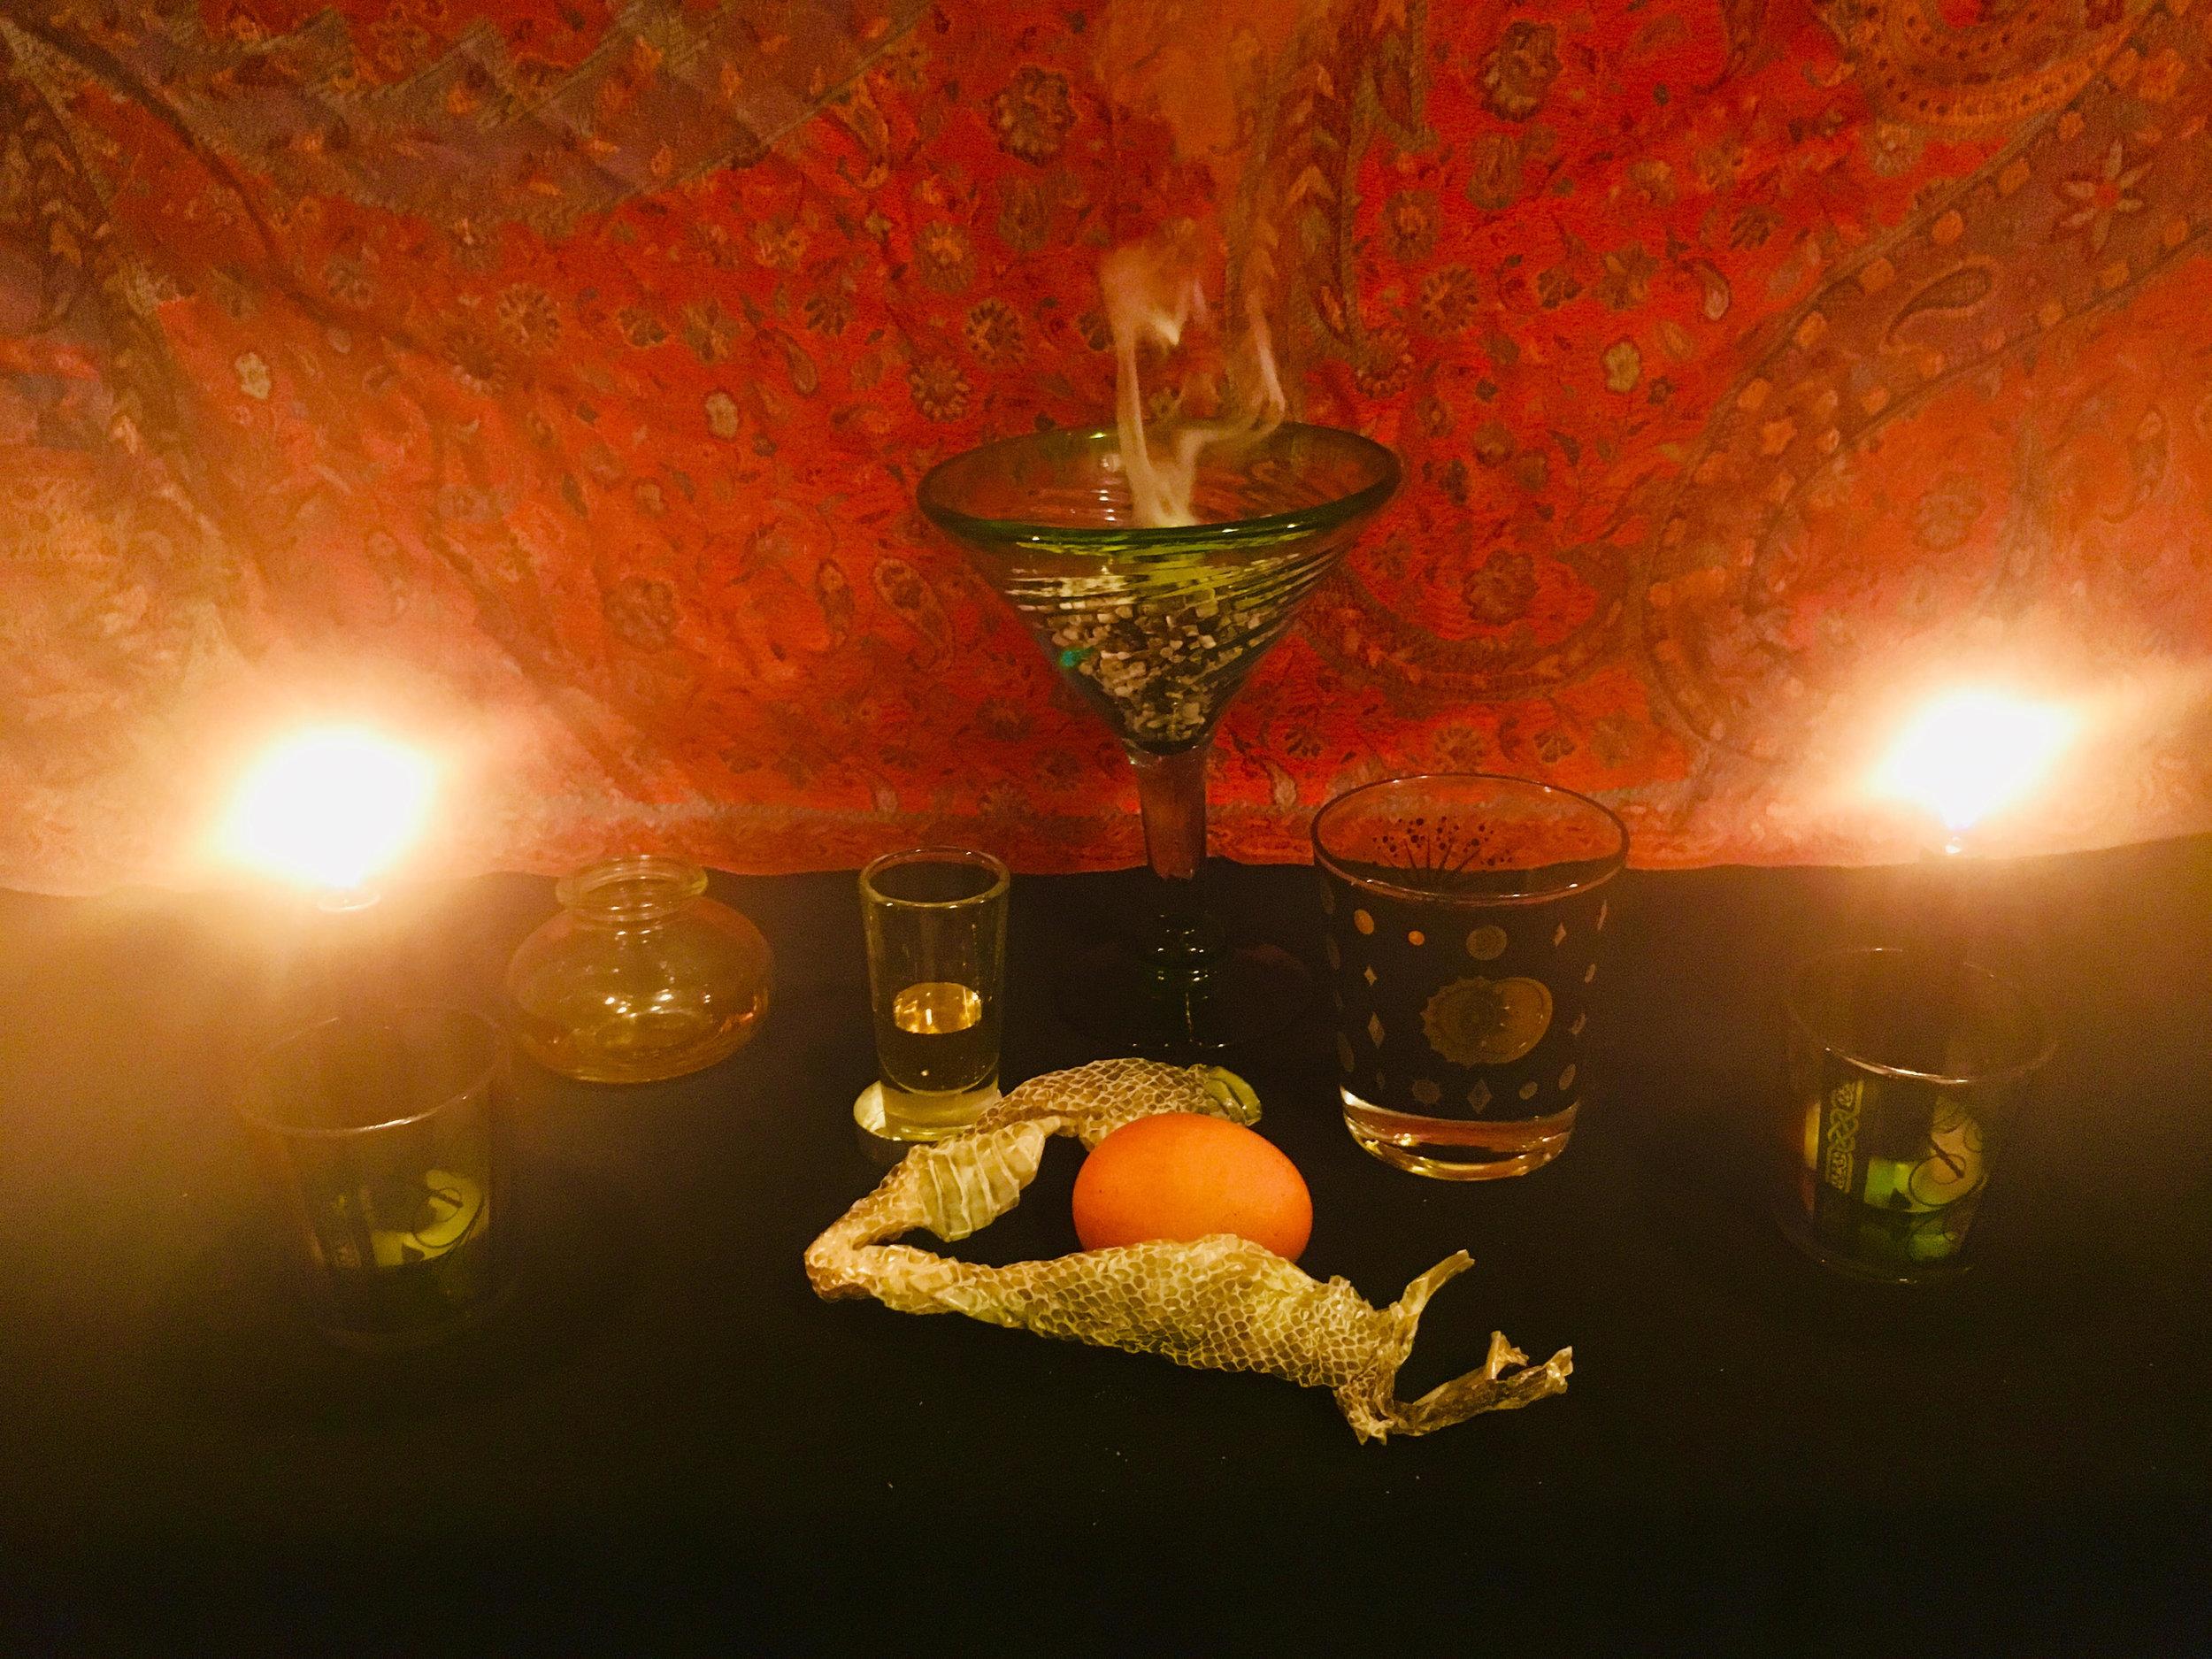 Hekate altar. Image © Sarolta Gabriella DeFaltay | TheLilithZone.com